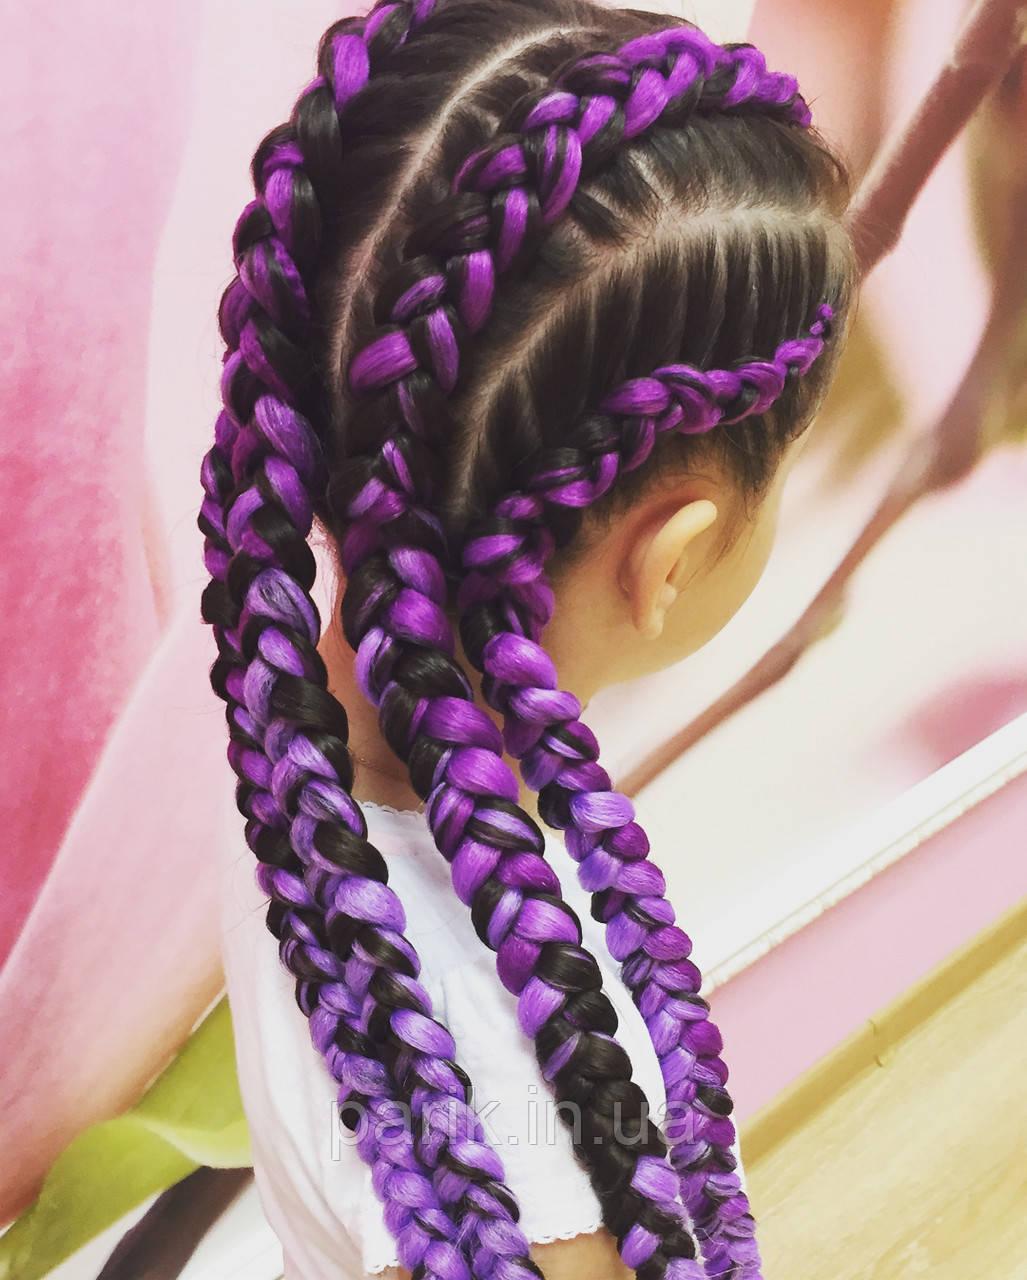 💜 Канекалон однотонный фиолетовый, коса для причёсок 💜